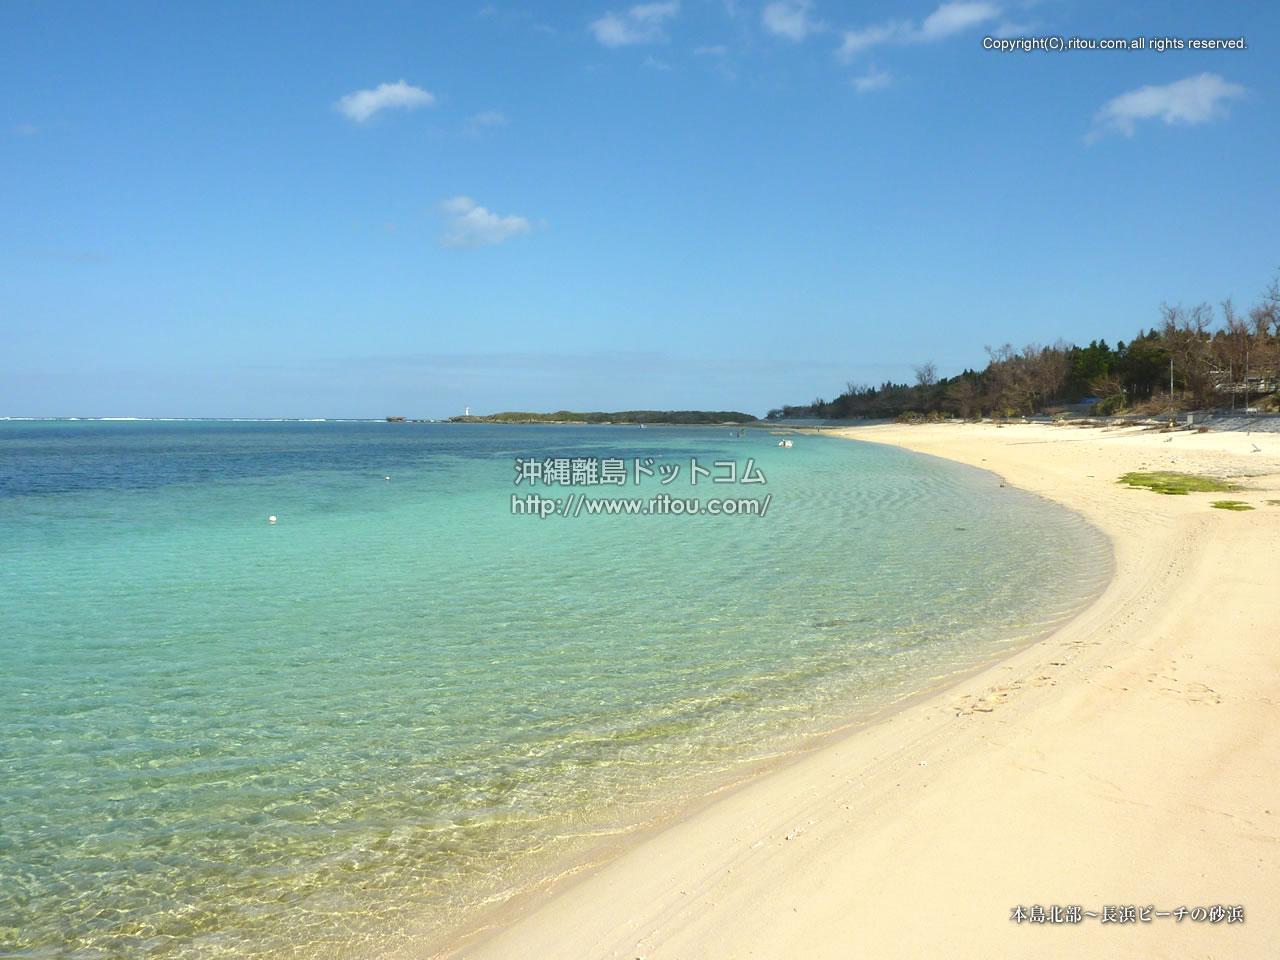 本島北部〜長浜ビーチの砂浜